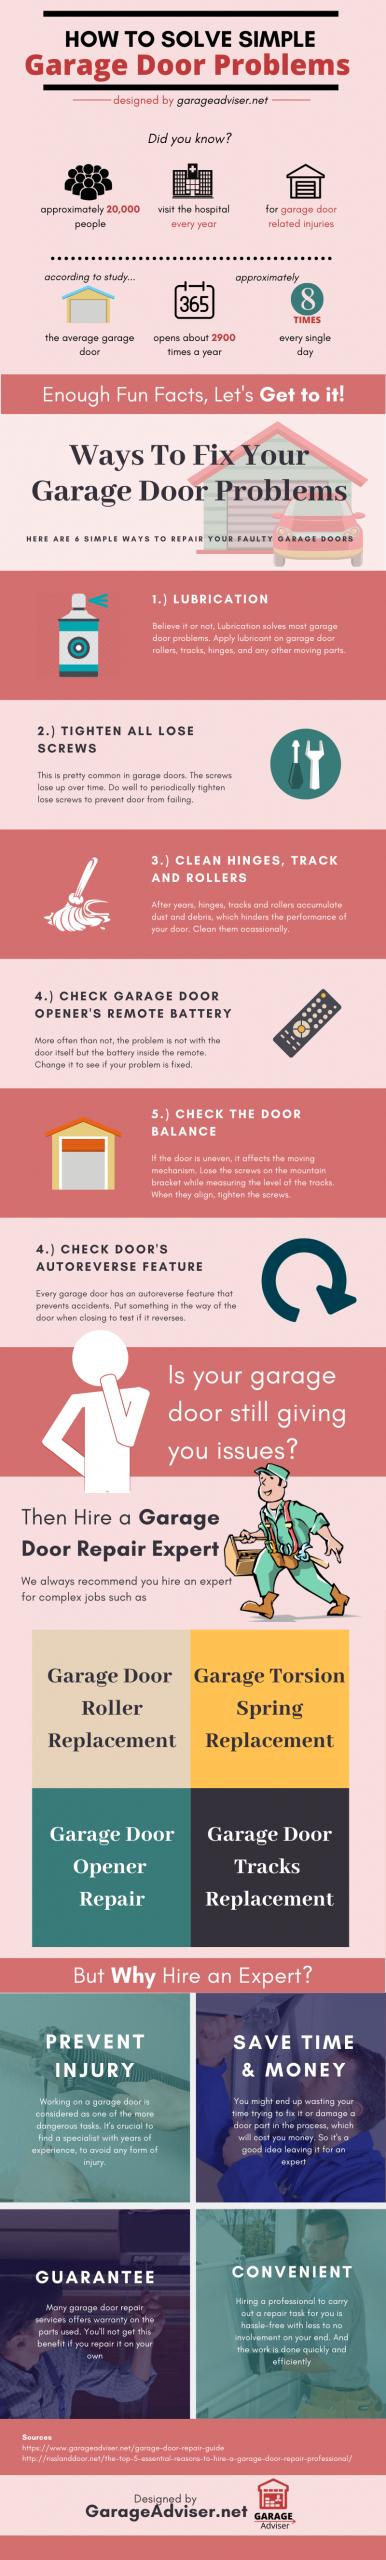 How to Solve Simple Garage Door Problems